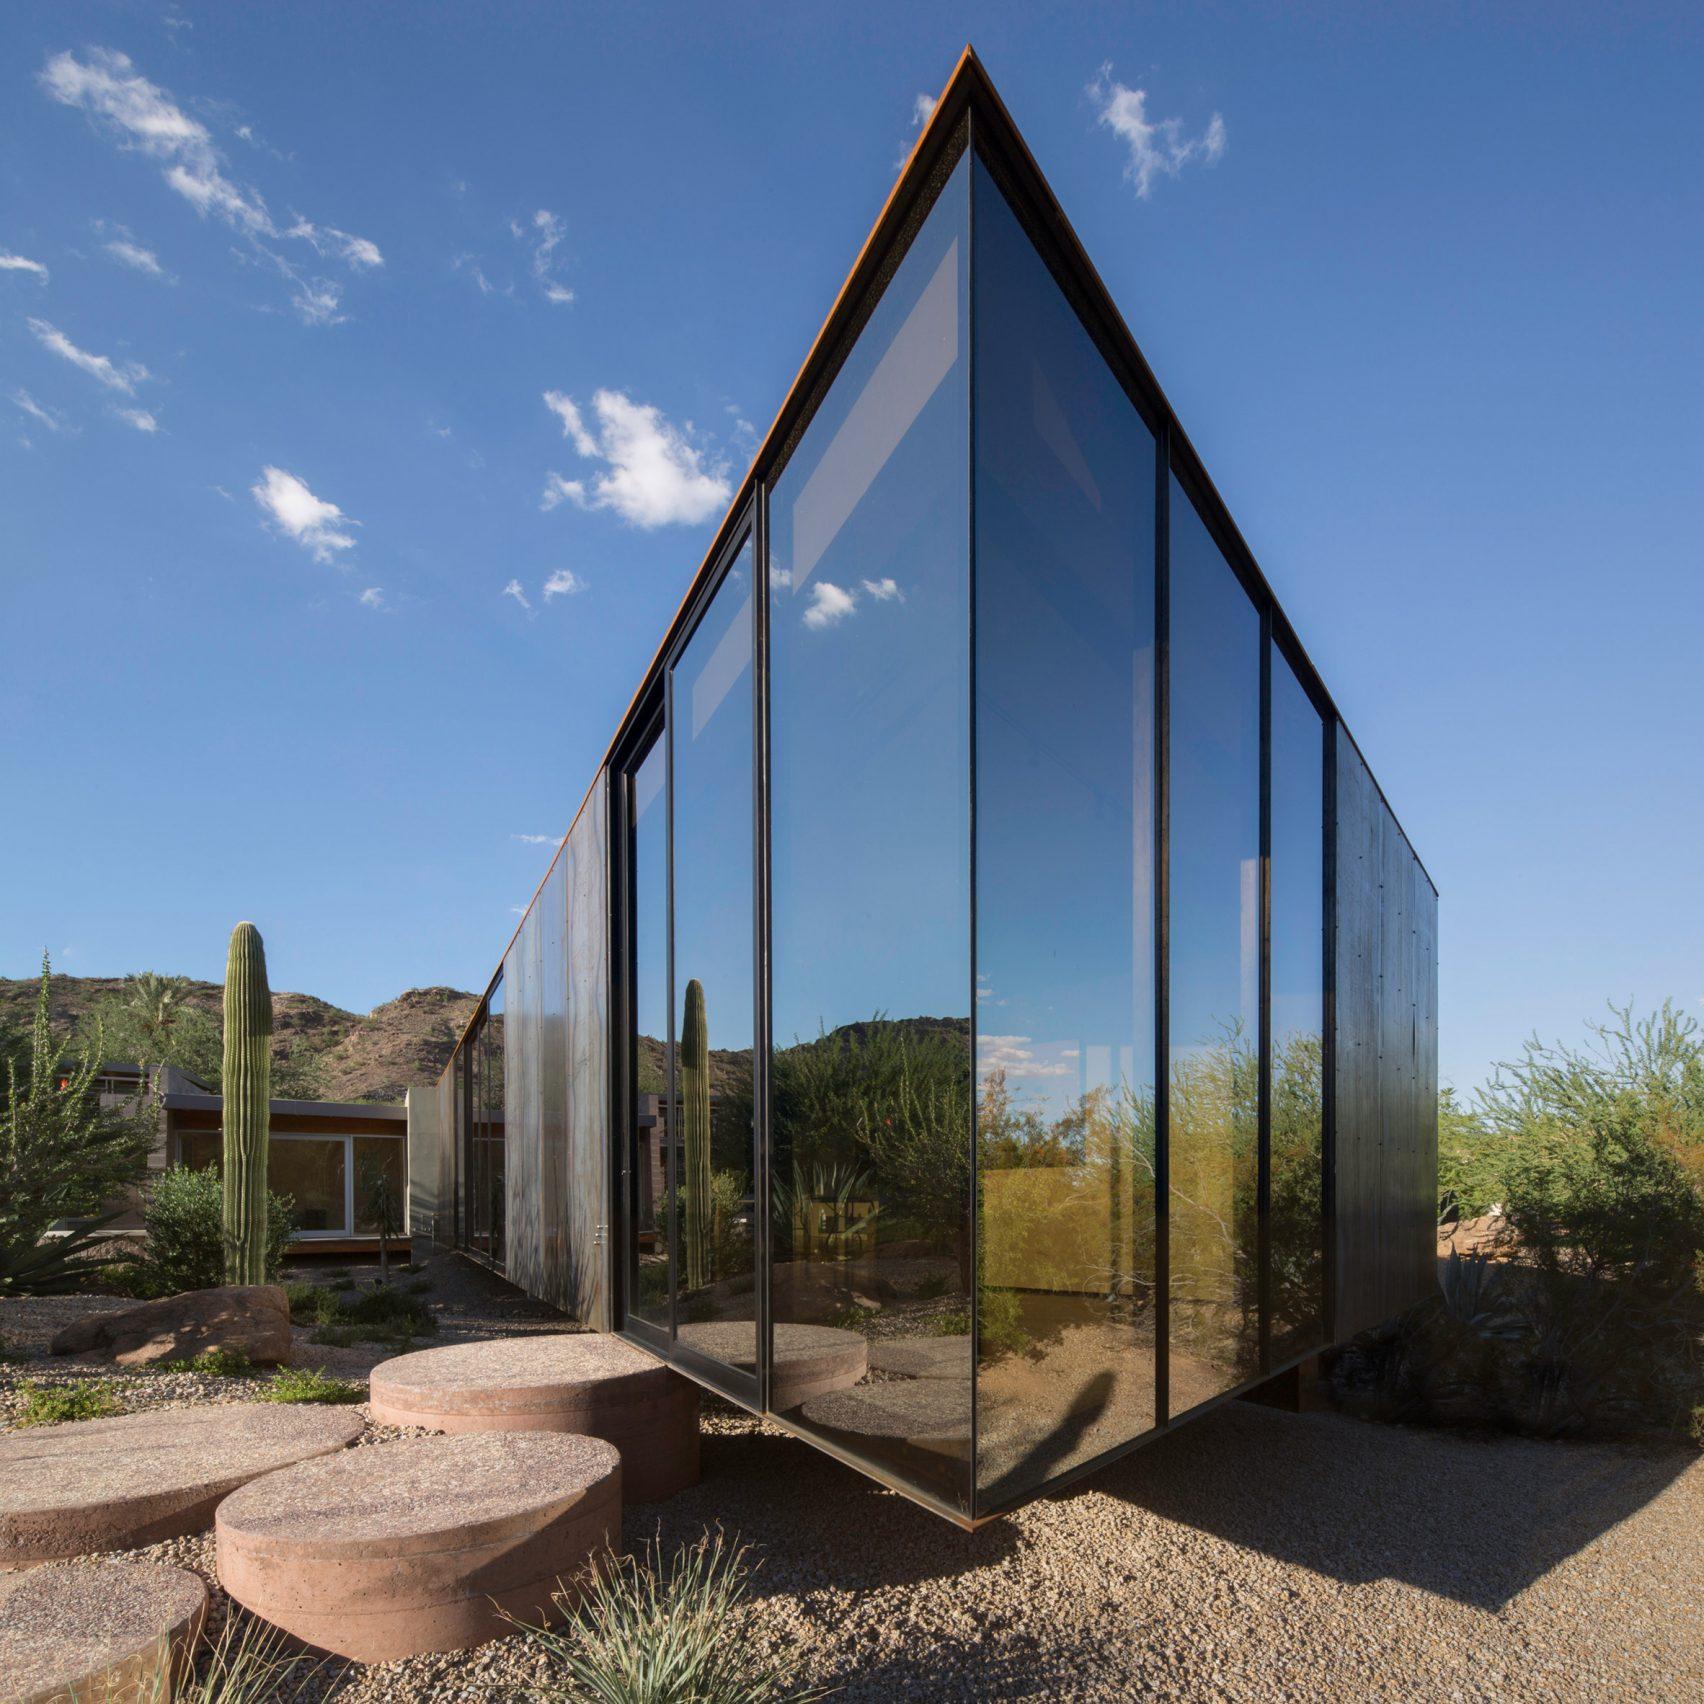 little-art-studio-chen-suchart-architecture-arizona-usa_dezeen_sq-1704x1704.jpg